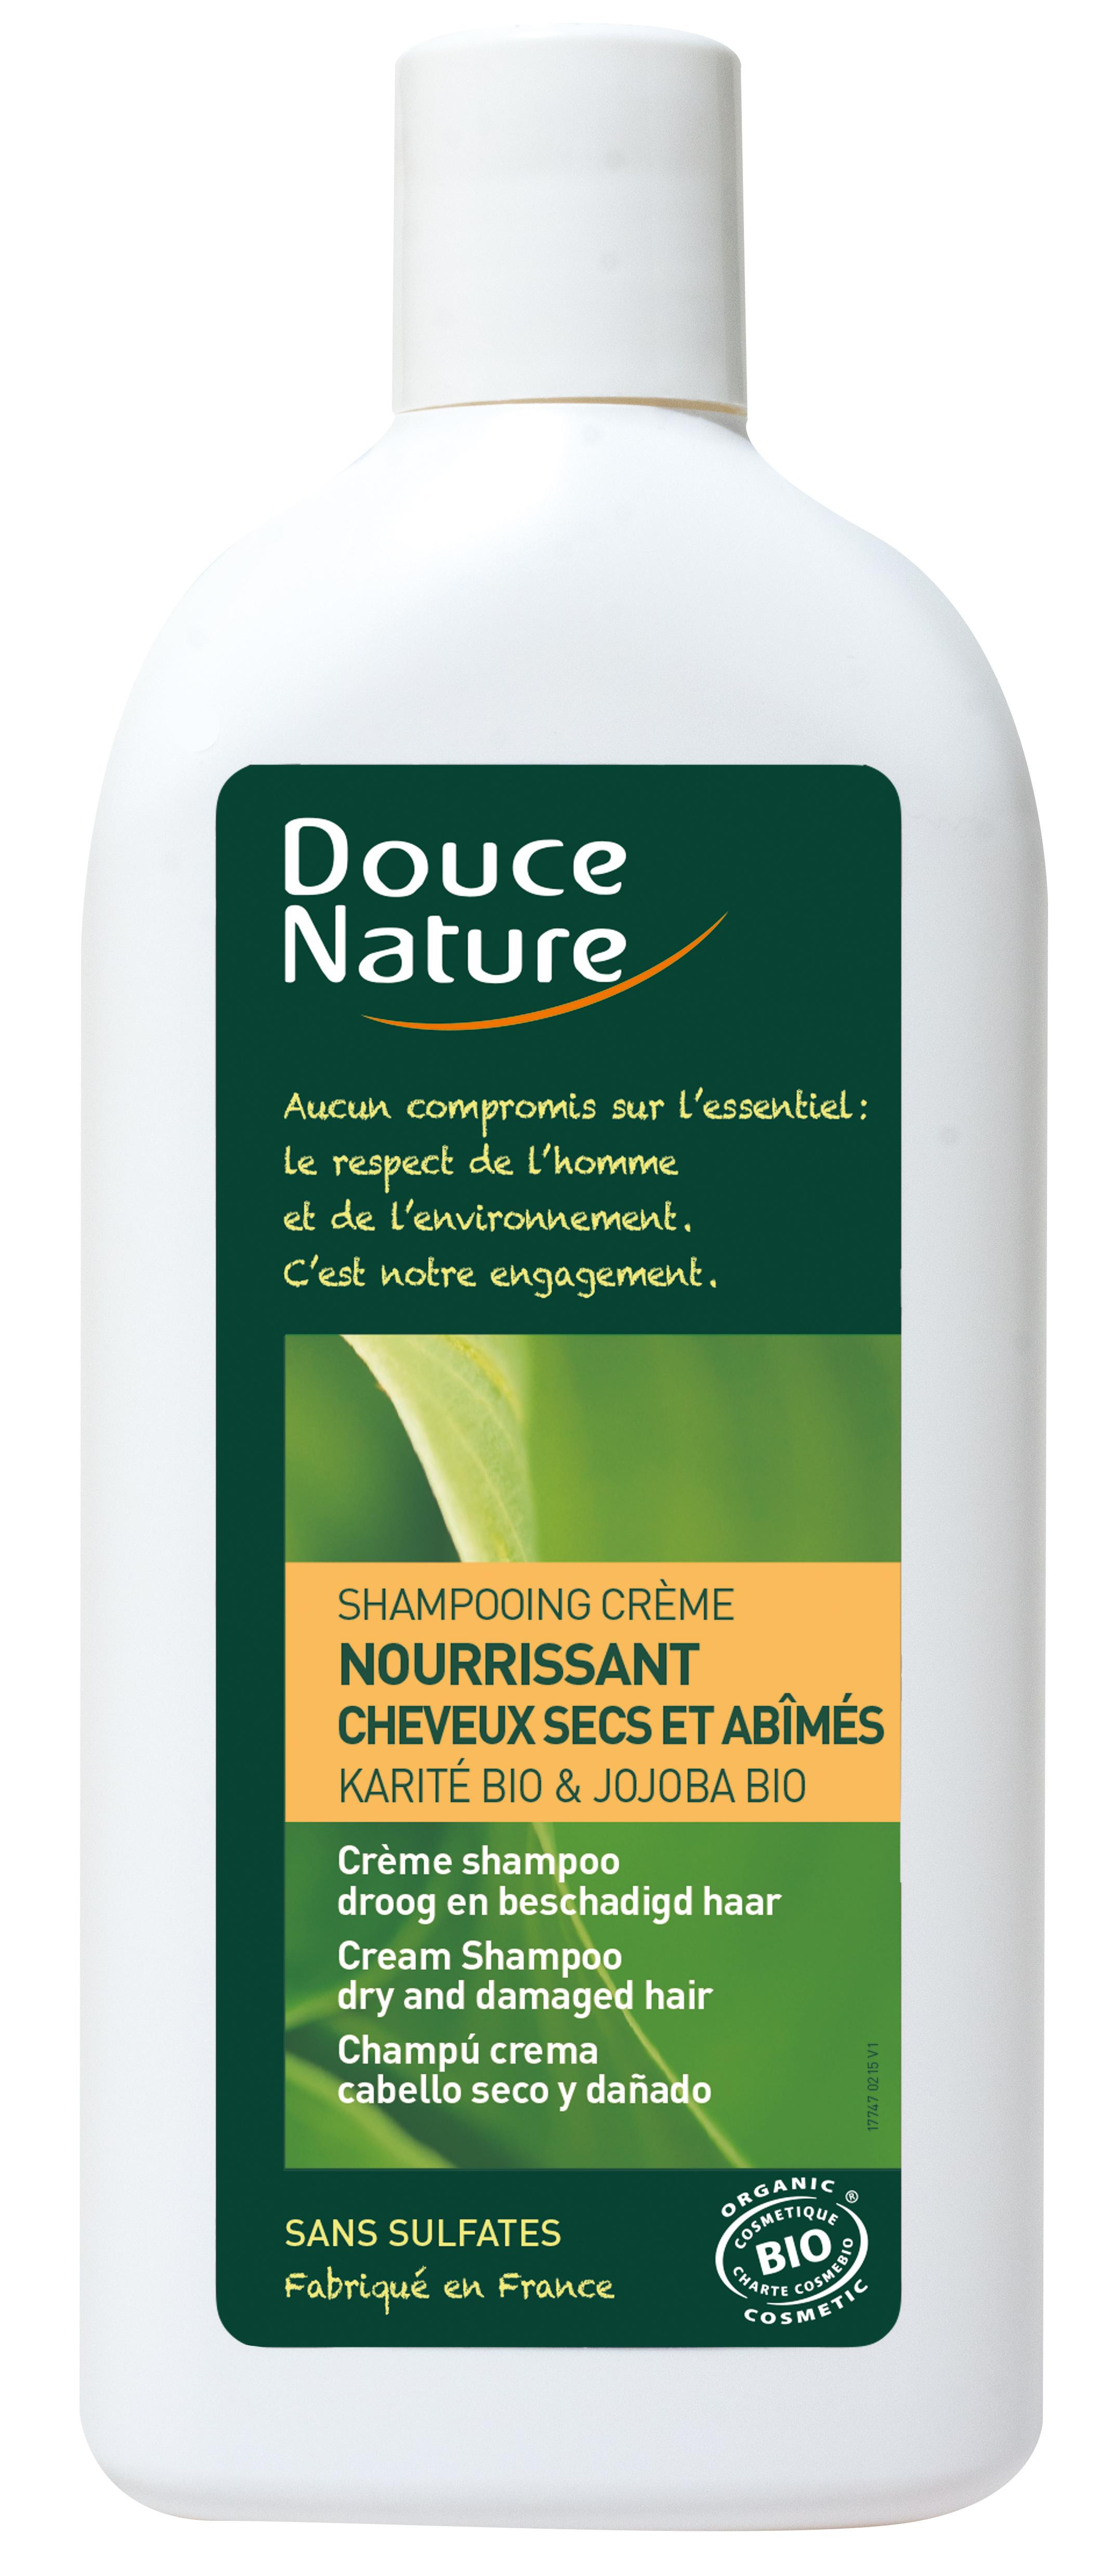 Shampooing crème nourissant cheveux secs et abimés, Douce Nature (300 ml)